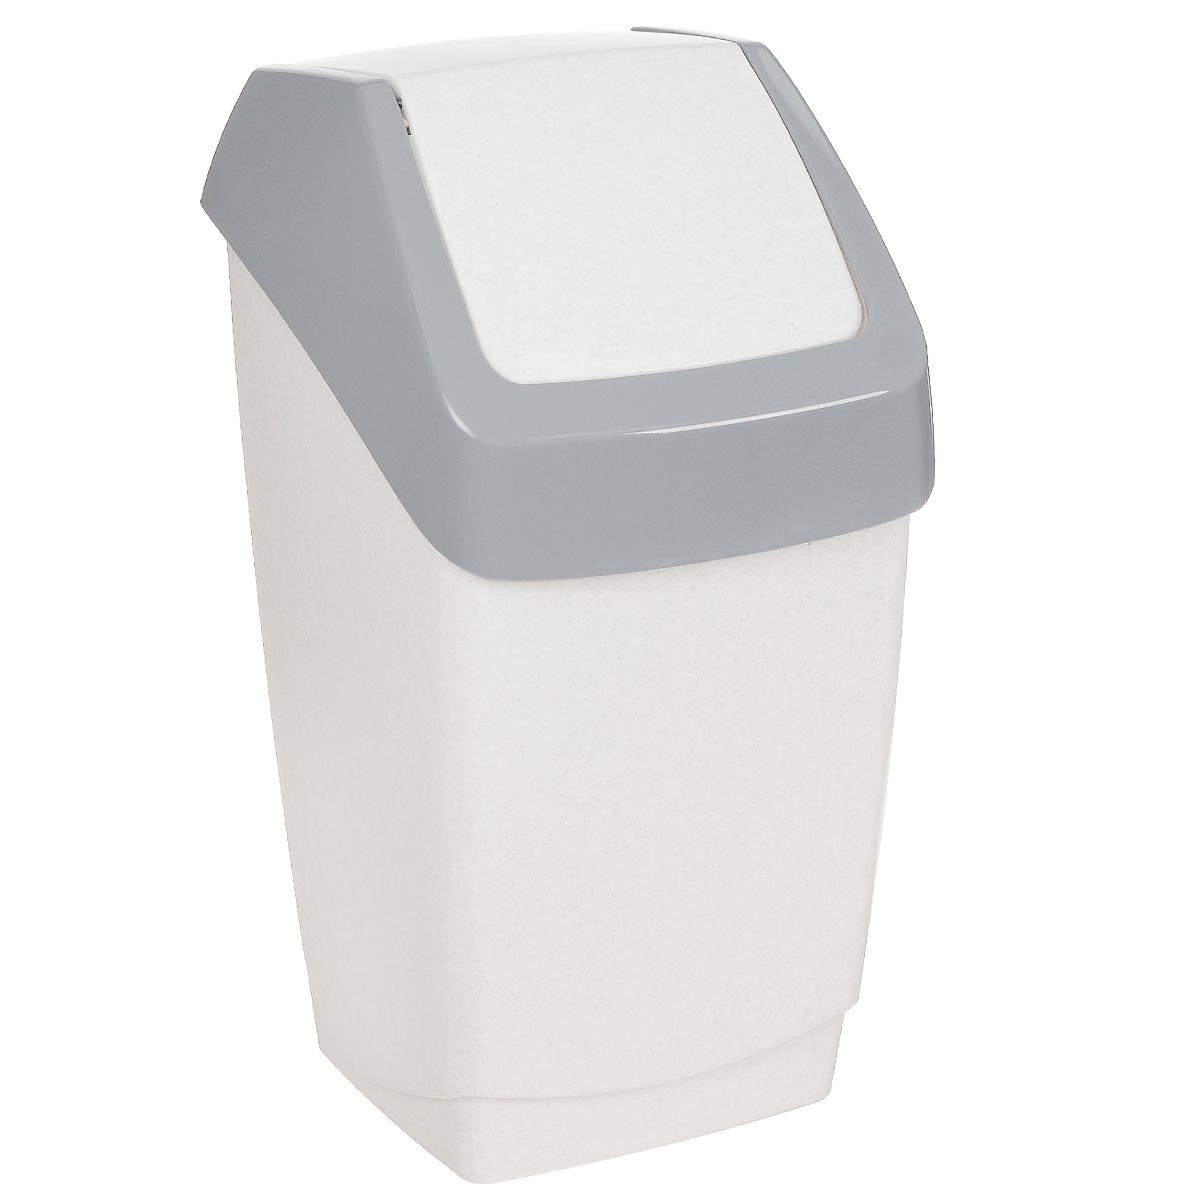 Контейнер для мусора Idea Хапс, цвет: белый мрамор, 15 л68/5/3Контейнер для мусора Idea Хапс изготовлен из прочного полипропилена (пластика). Контейнер снабжен удобной съемной крышкой с подвижной перегородкой. Благодаря лаконичному дизайну такой контейнер идеально впишется в интерьер и дома, и офиса.